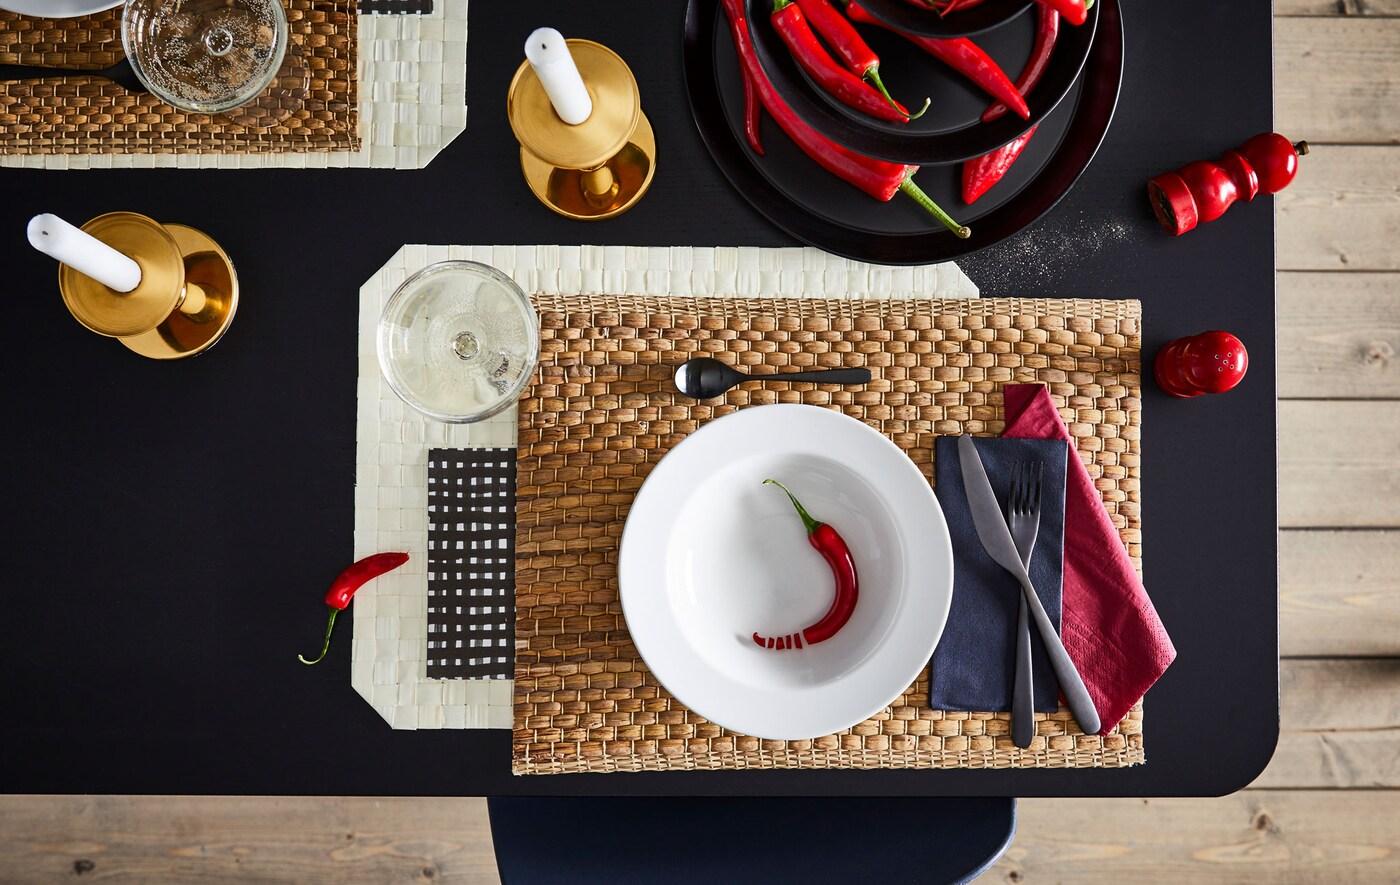 Dio blagovaonskog stola s umjetnički postavljenim mjestom za jednu osobu uz usklađene boje, oblike i materijale.